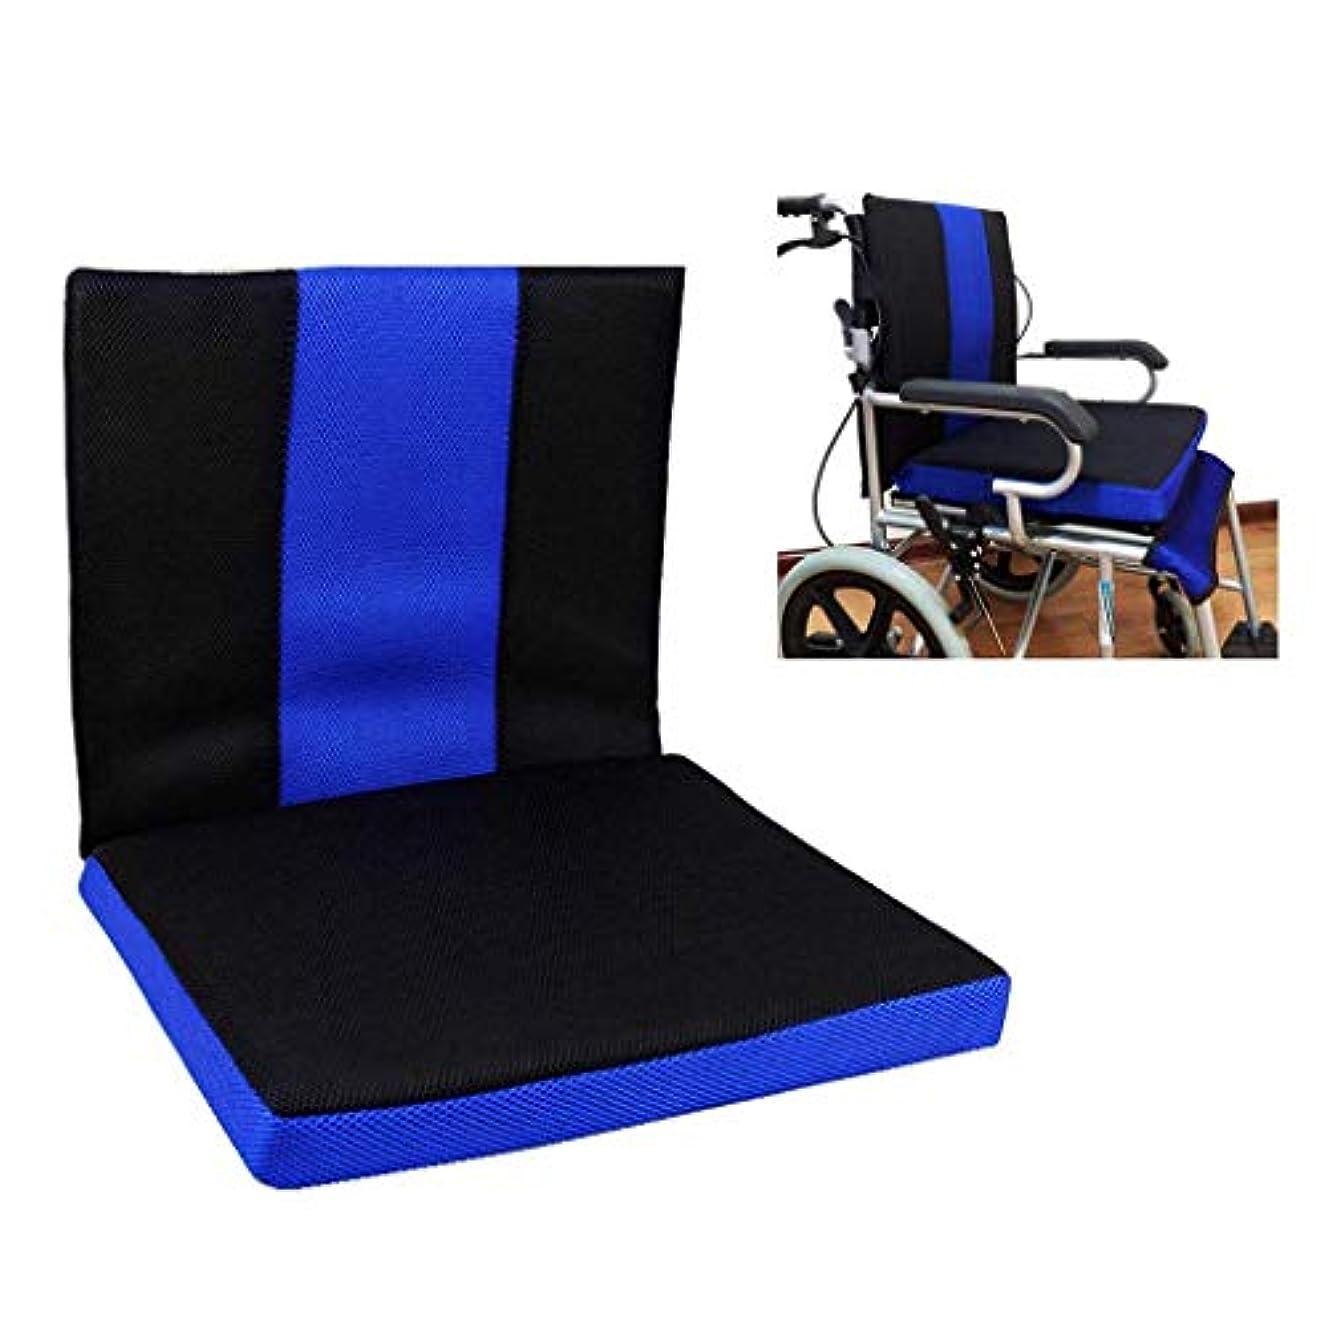 凍るドラム棚車椅子のクッション、アンチ褥瘡ハニカムクッション通気性の快適車椅子戻るオックスフォード布素材のクッション